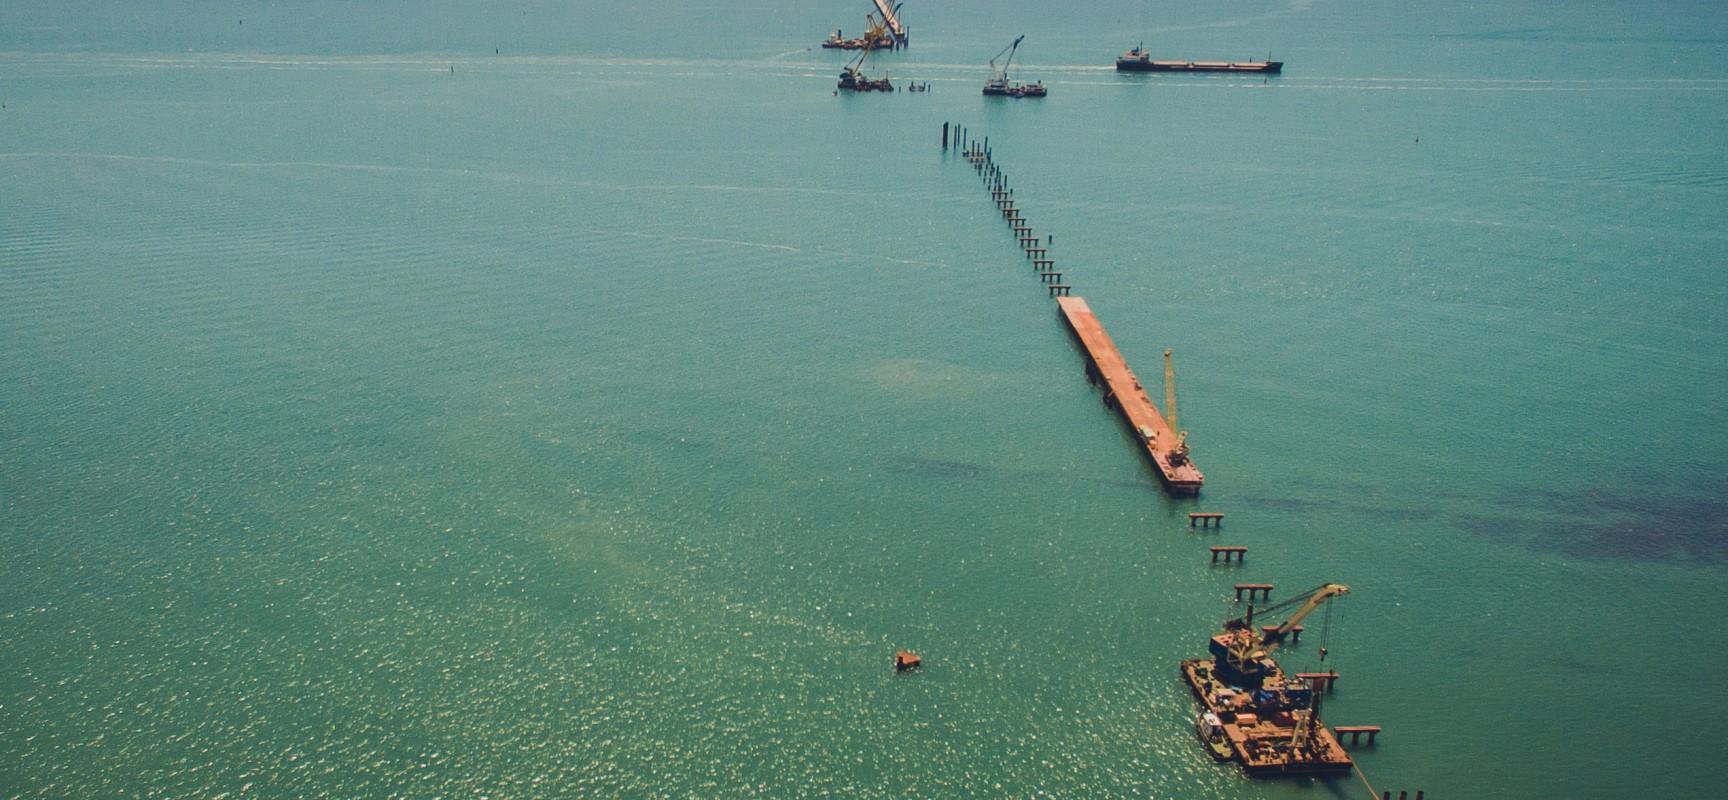 Российские корабли могут проходить через Керченский пролив без лоцманов